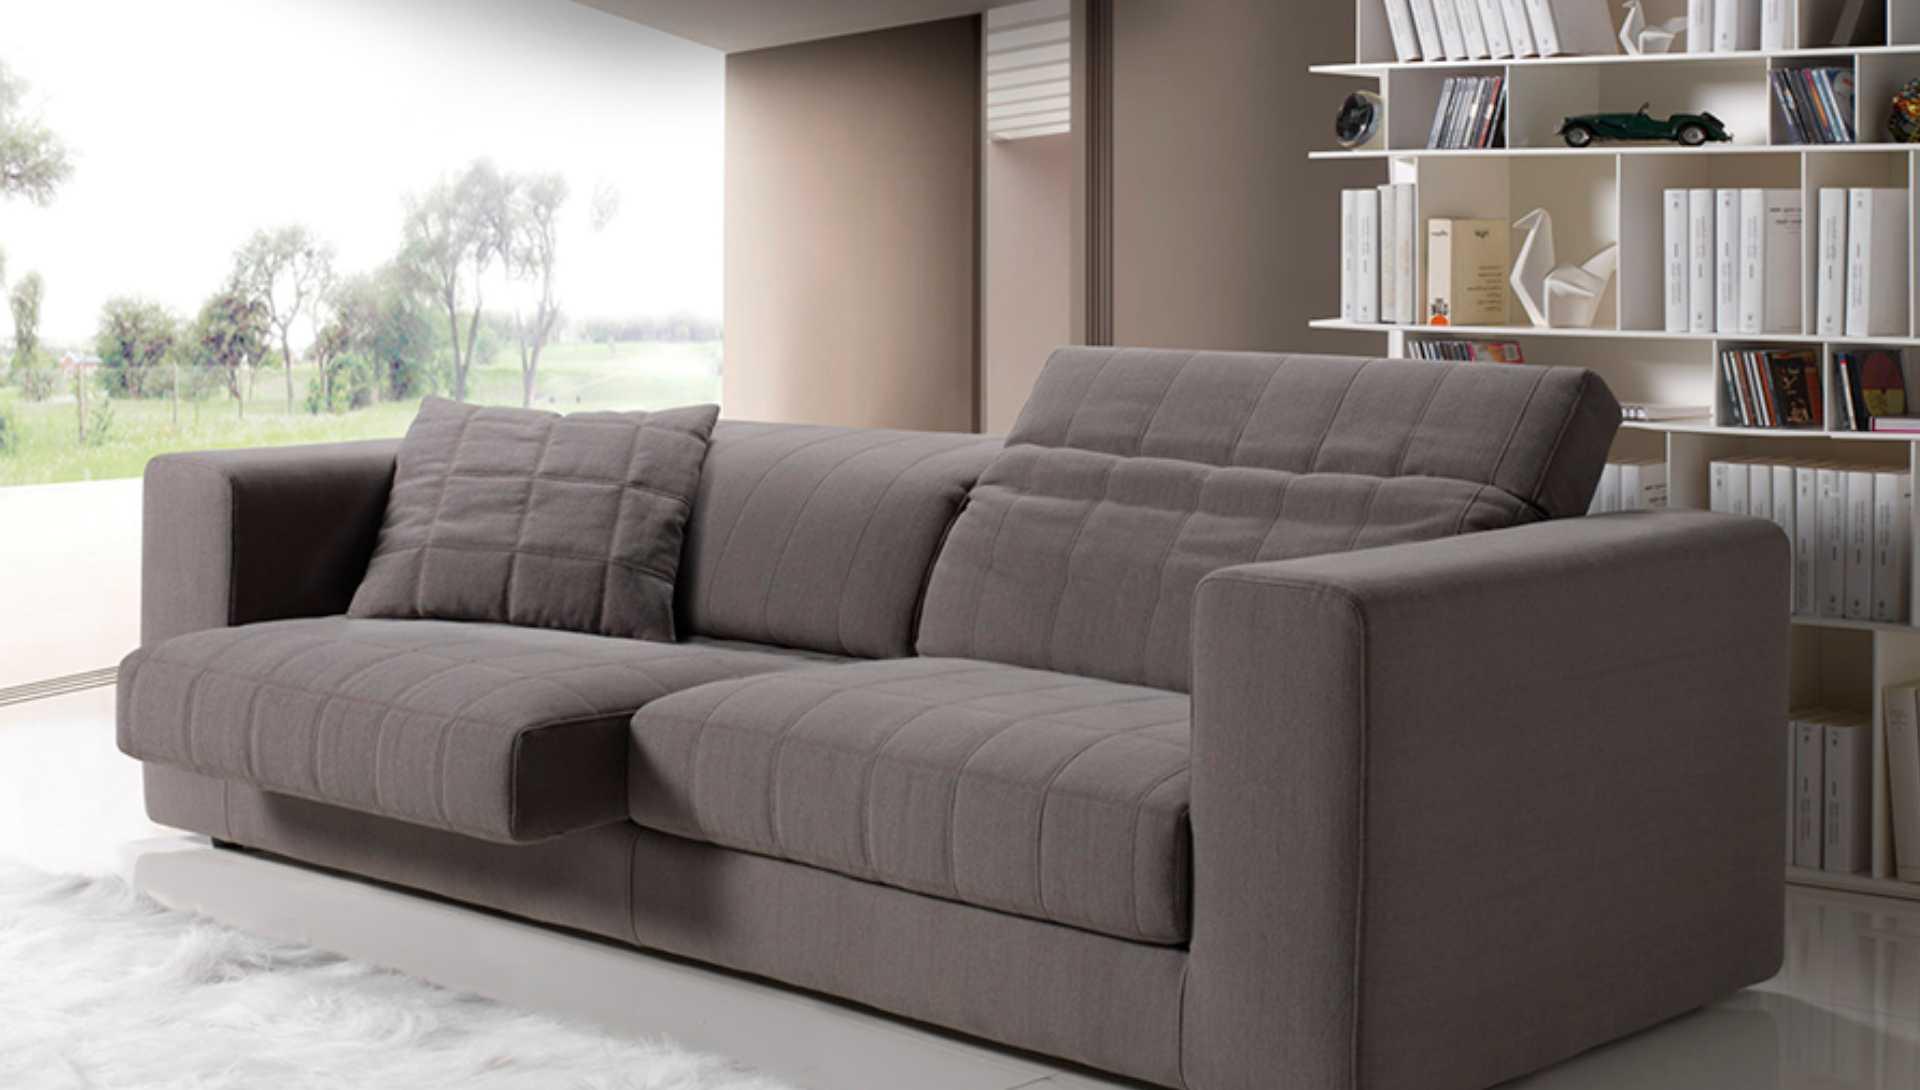 Ponzalino mobili saluzzo rivenditori autorizzati scavolini for Mobili in regalo